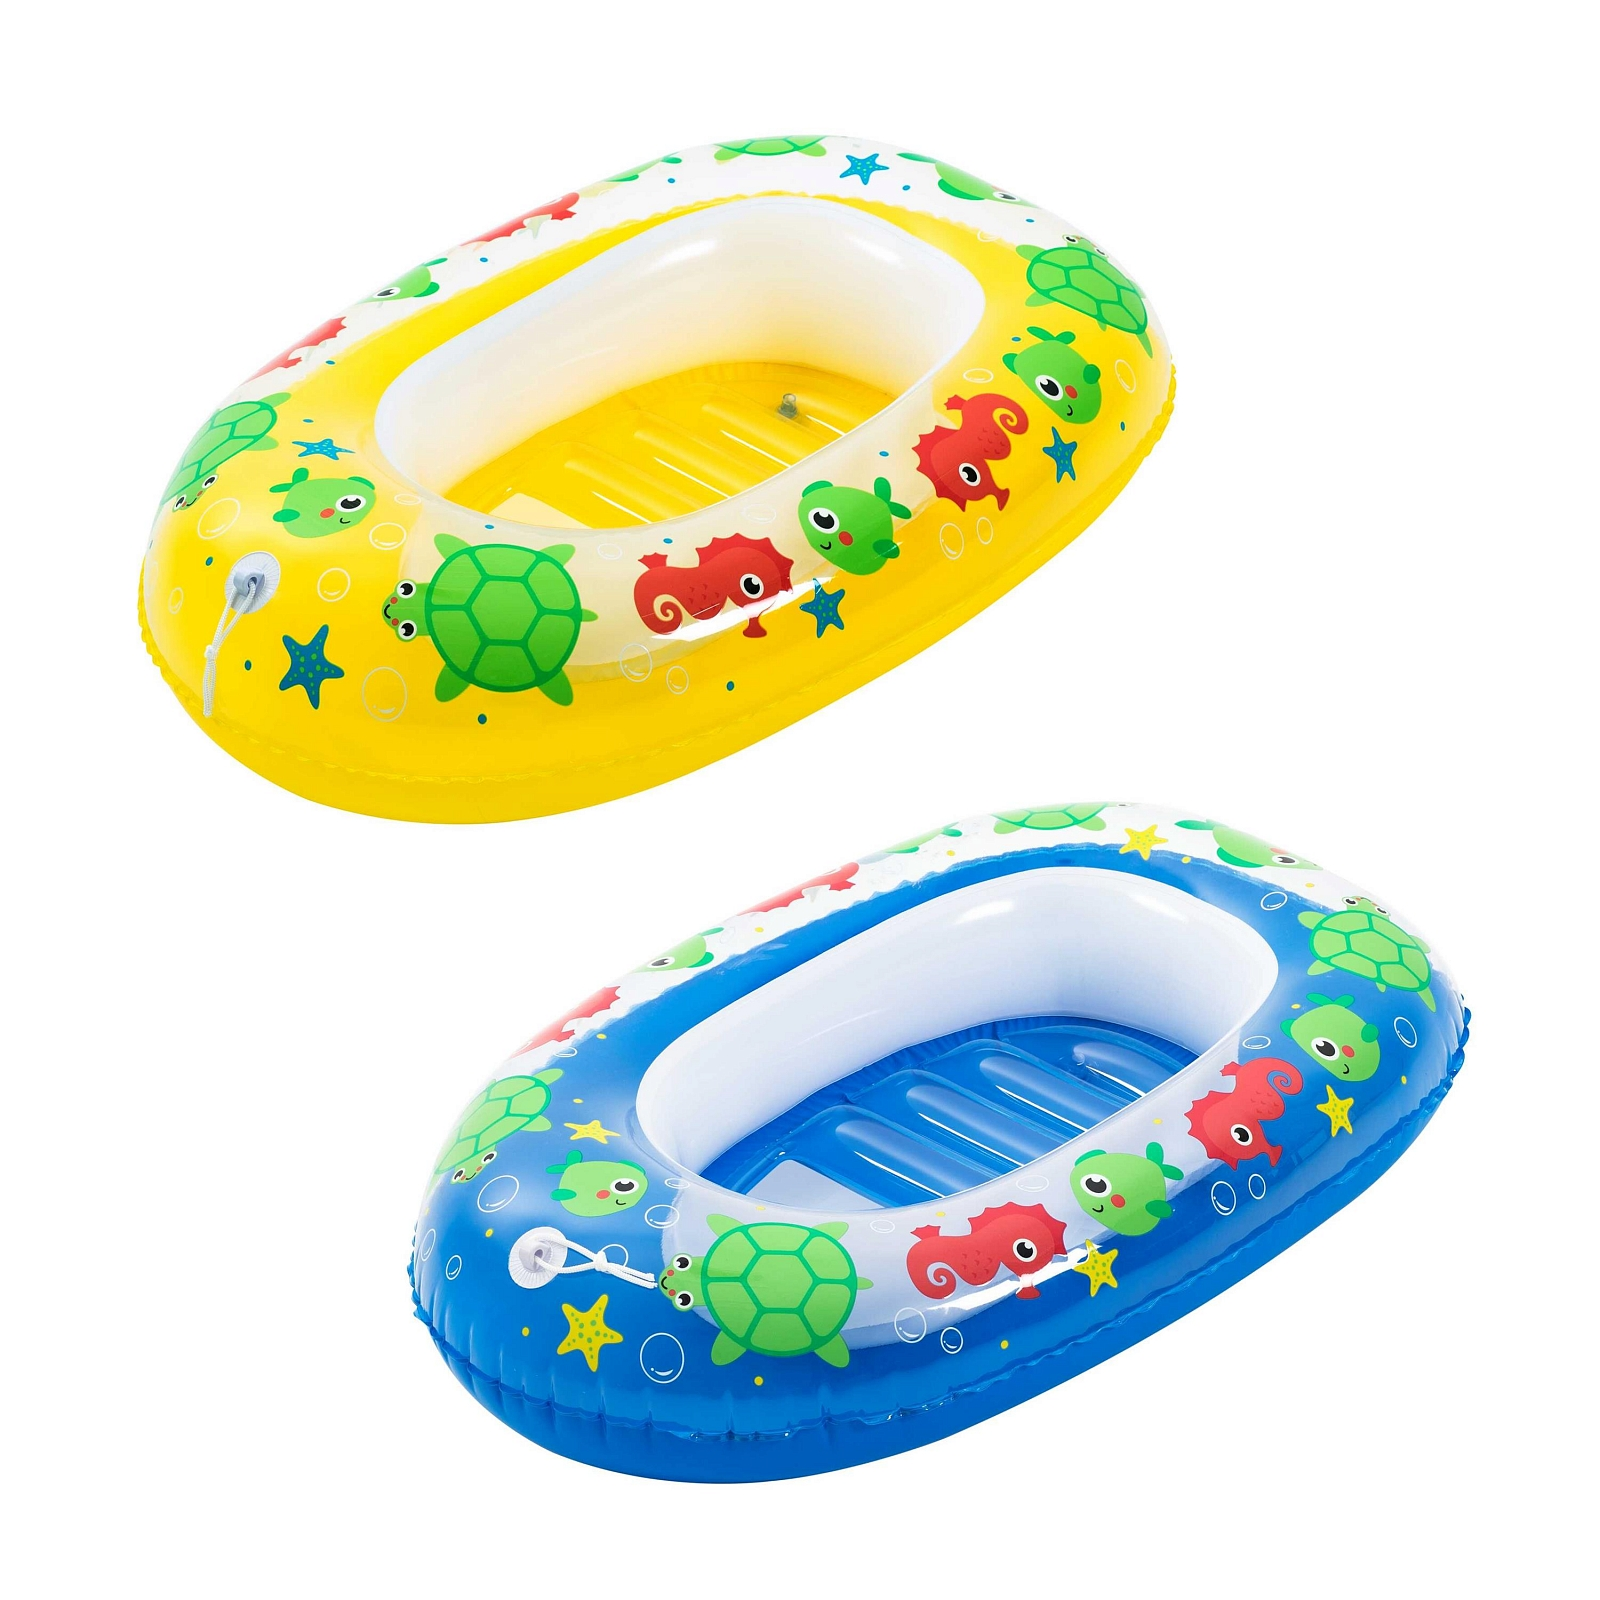 Лодочка надувная Bestway 102х69см в двух цветах лодочка надувная bestway 34085 bw голубая рыбка